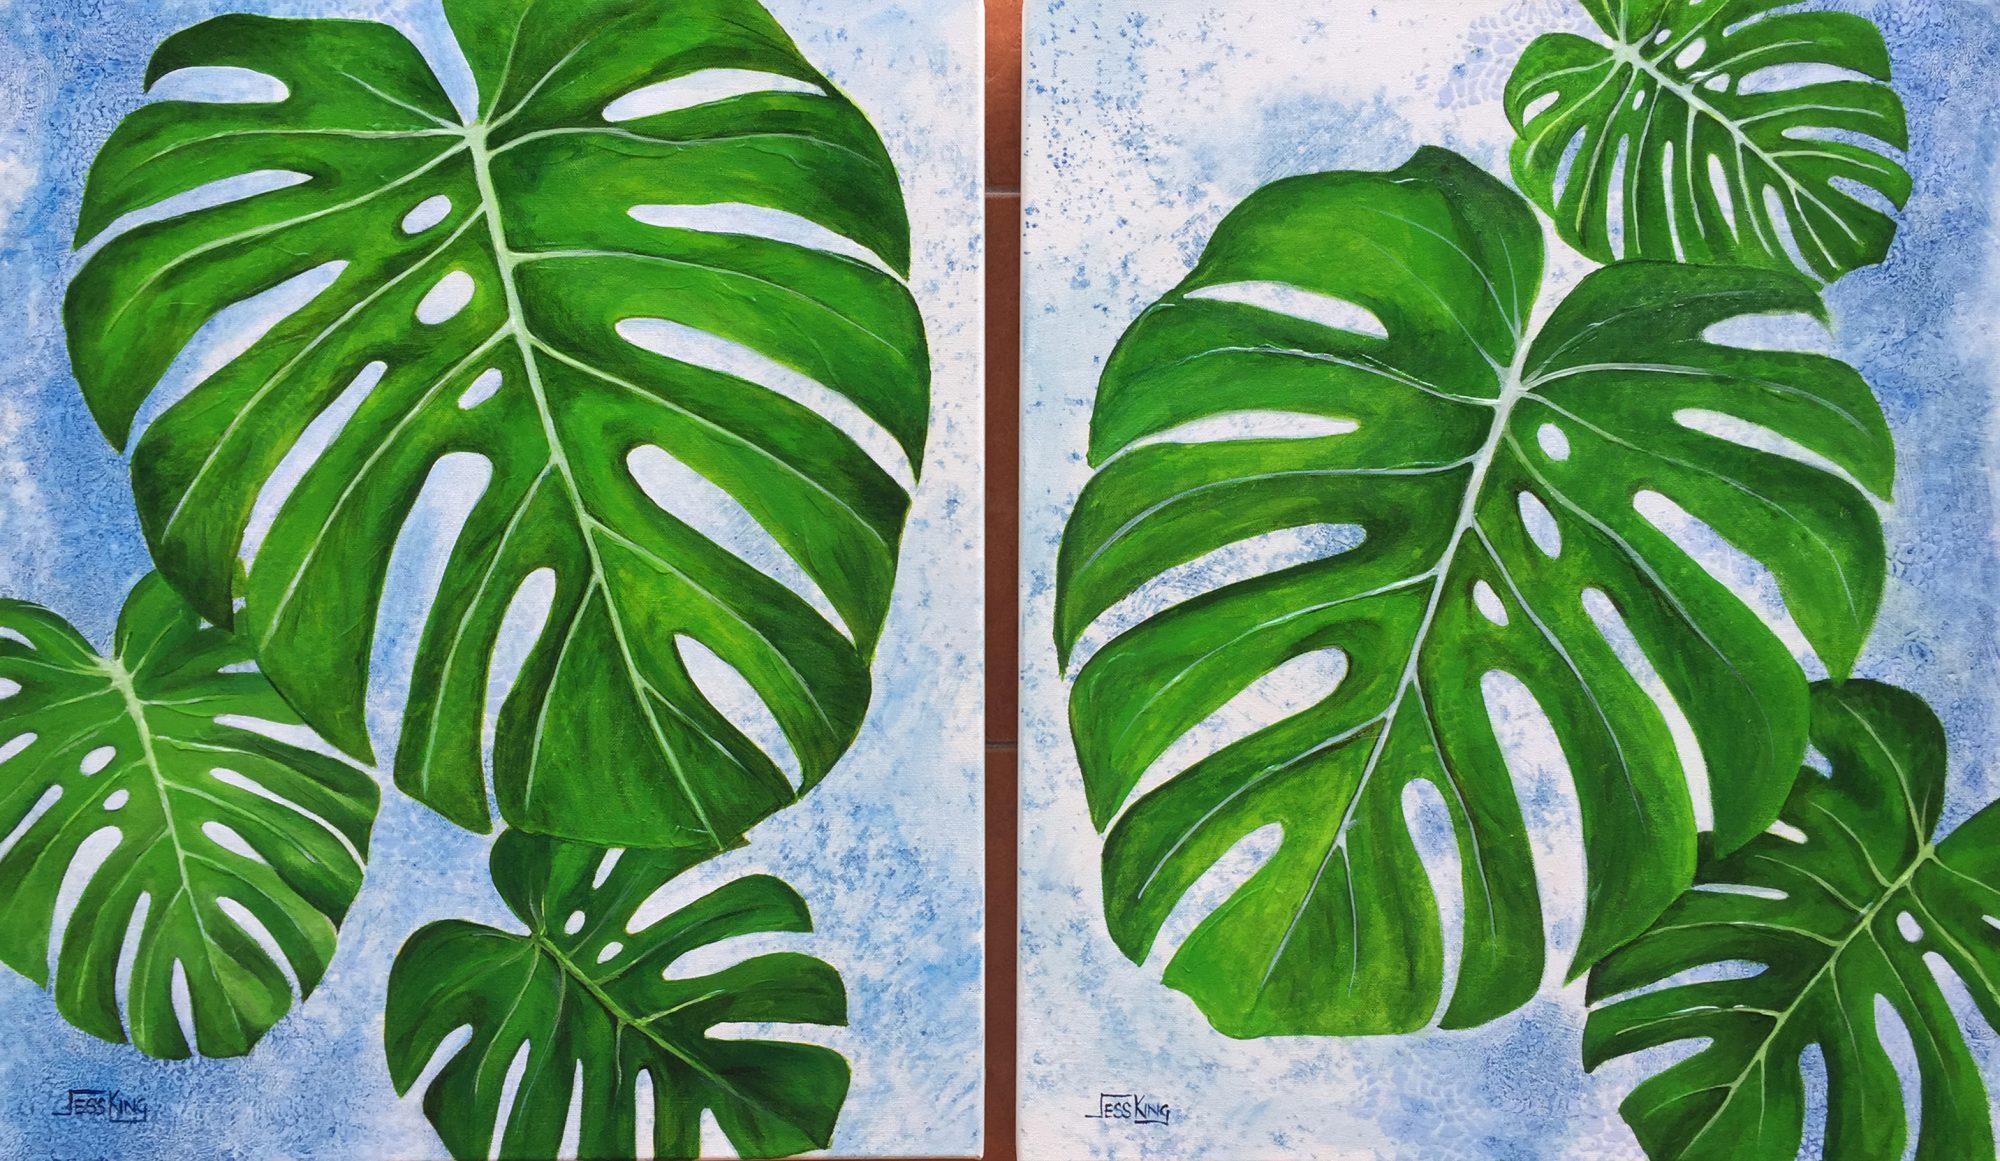 monstera leaves 1&2